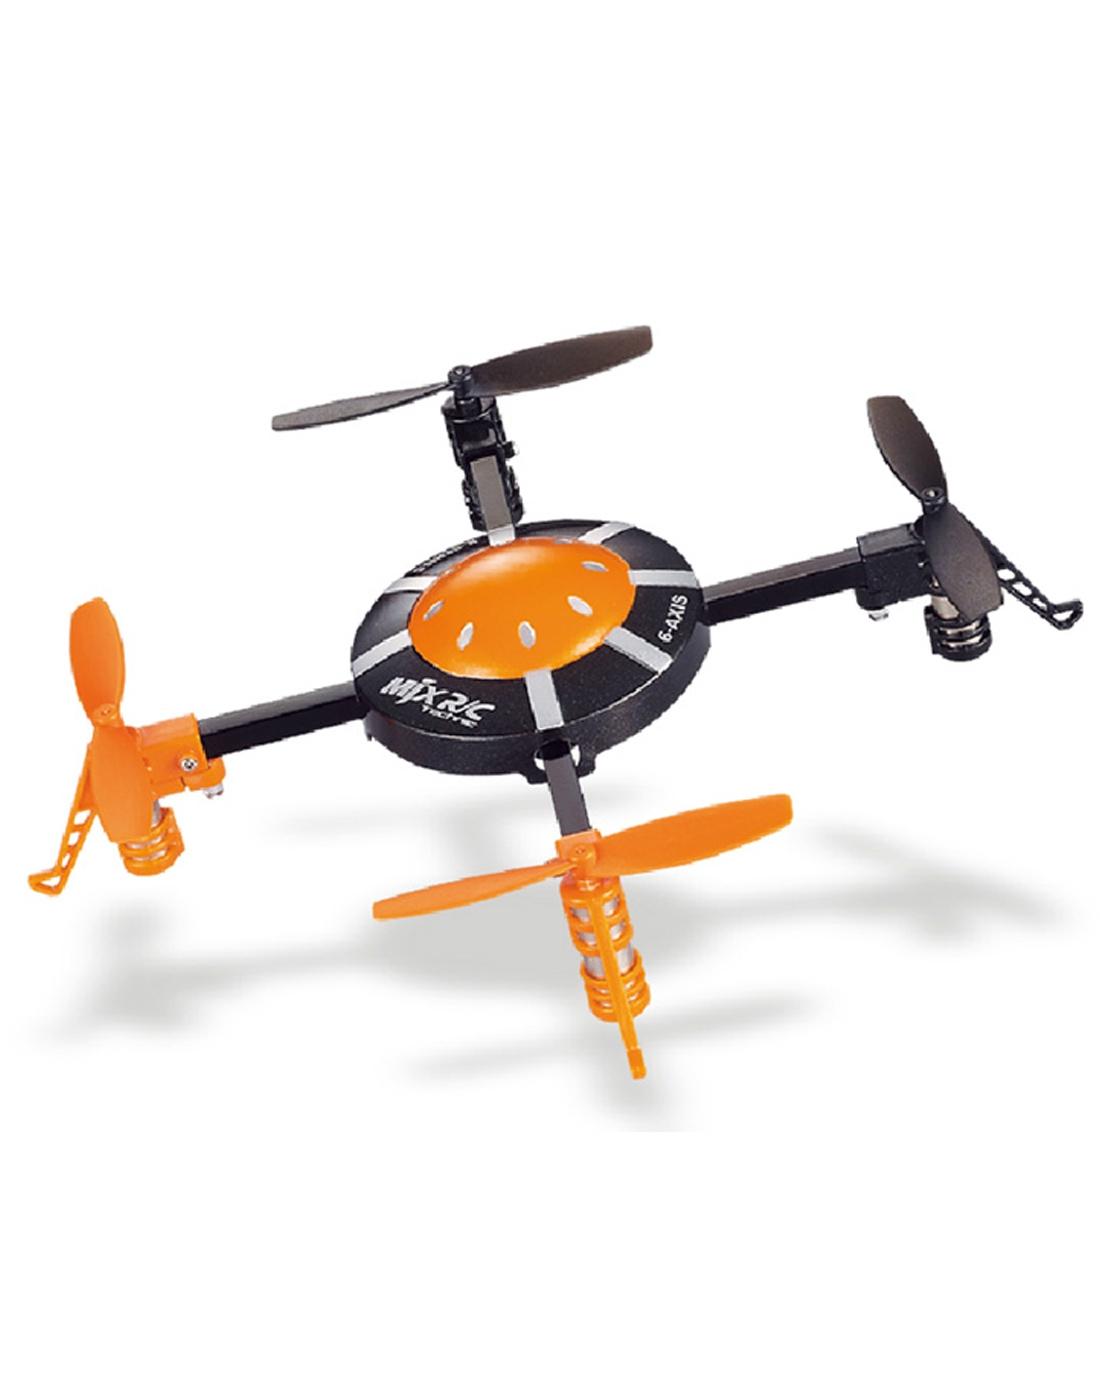 美嘉欣 四轴遥控飞碟 2.4g遥控飞行器-橙色